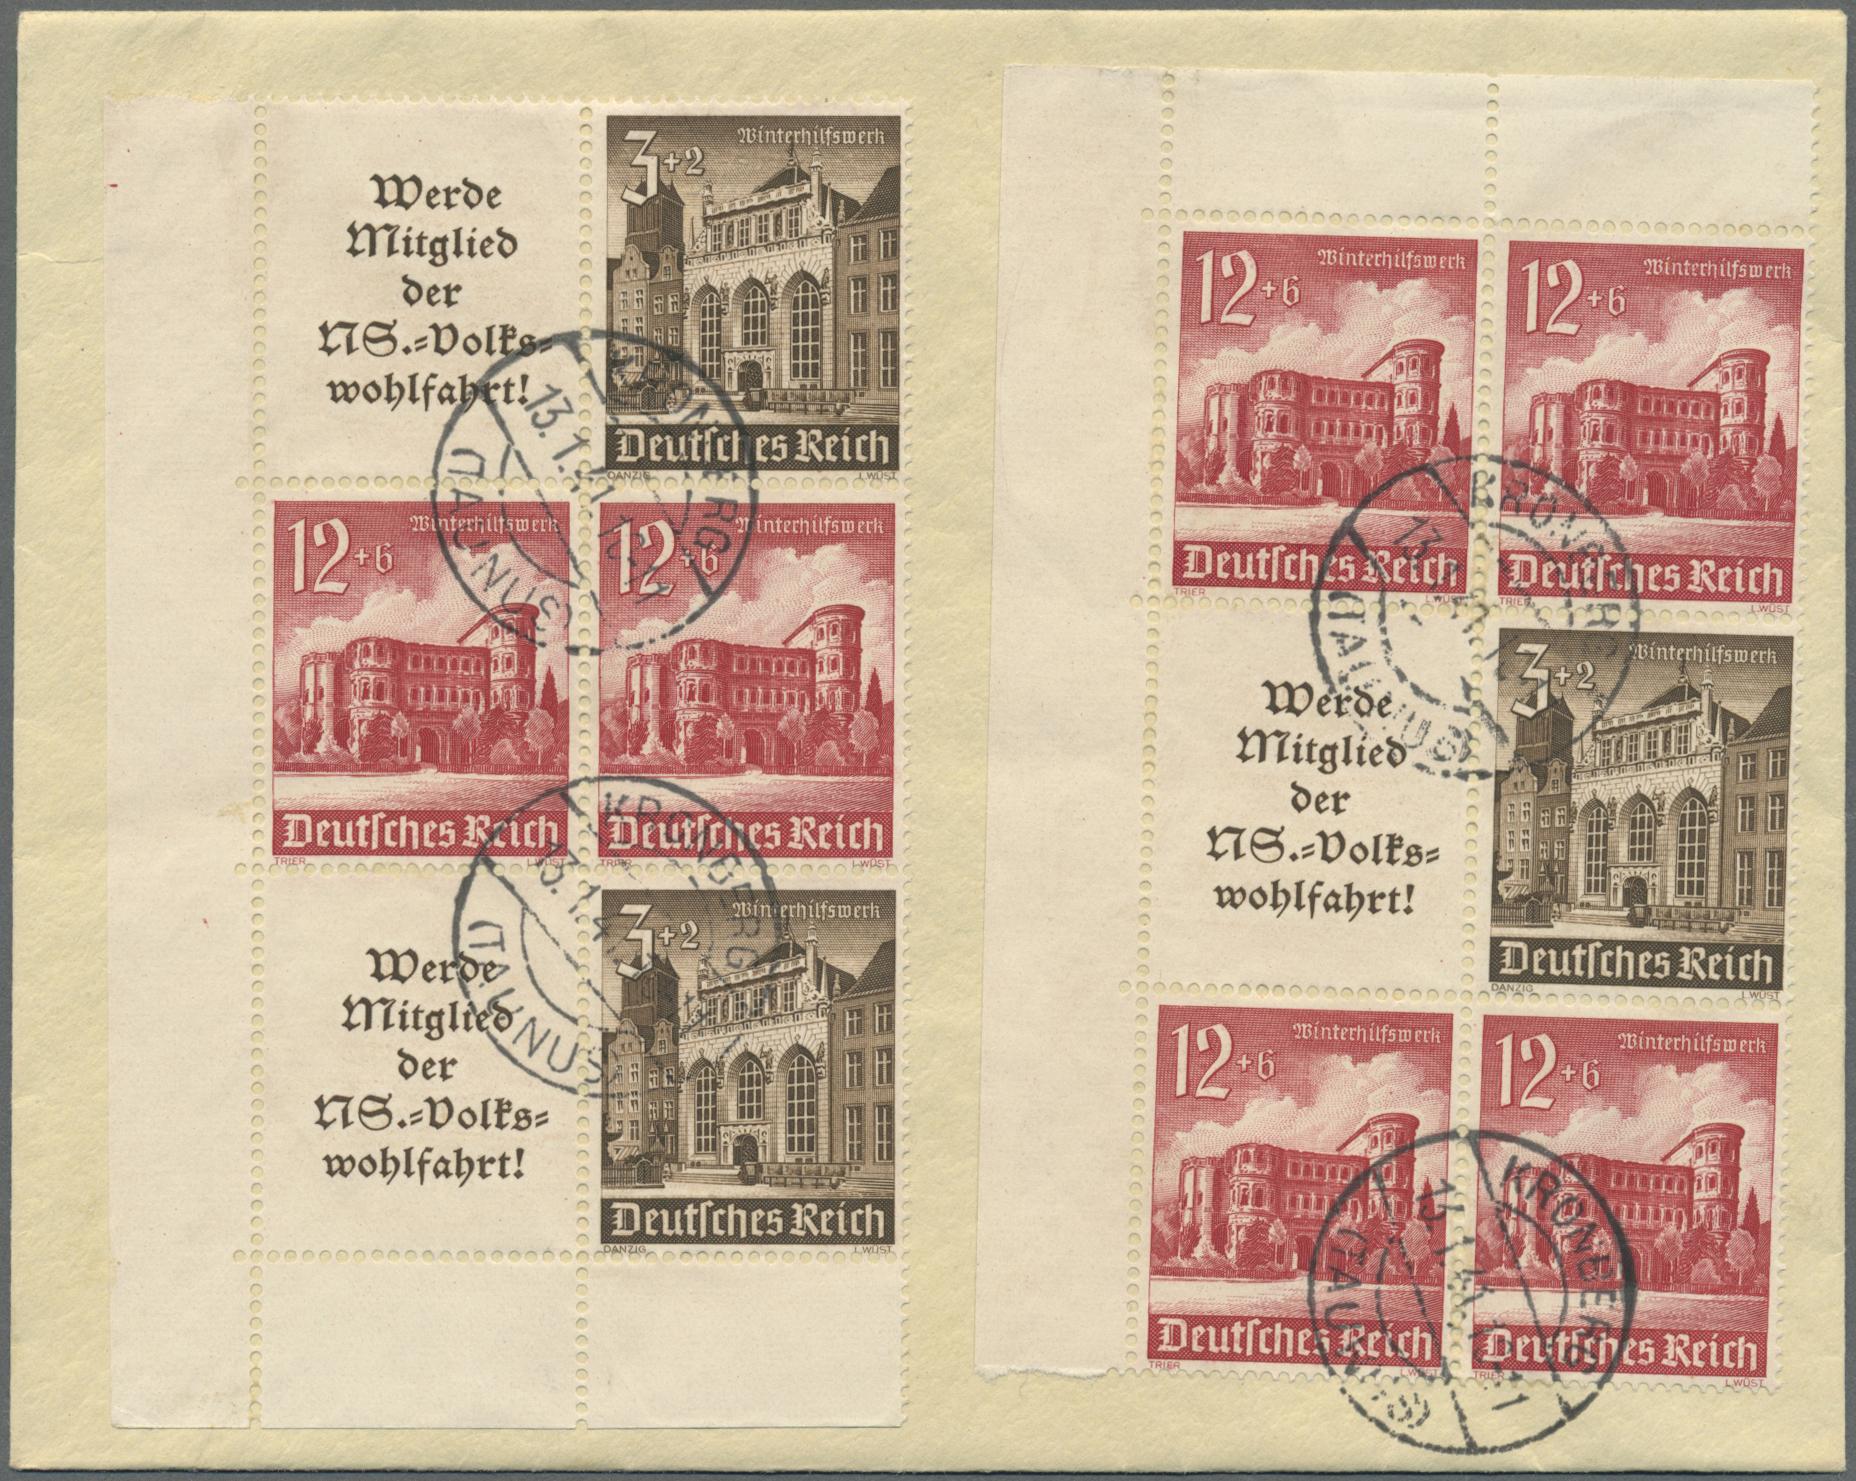 Deutsches Reich Karte 1943.Stamp Auction Deutsches Reich 3 Reich Collections